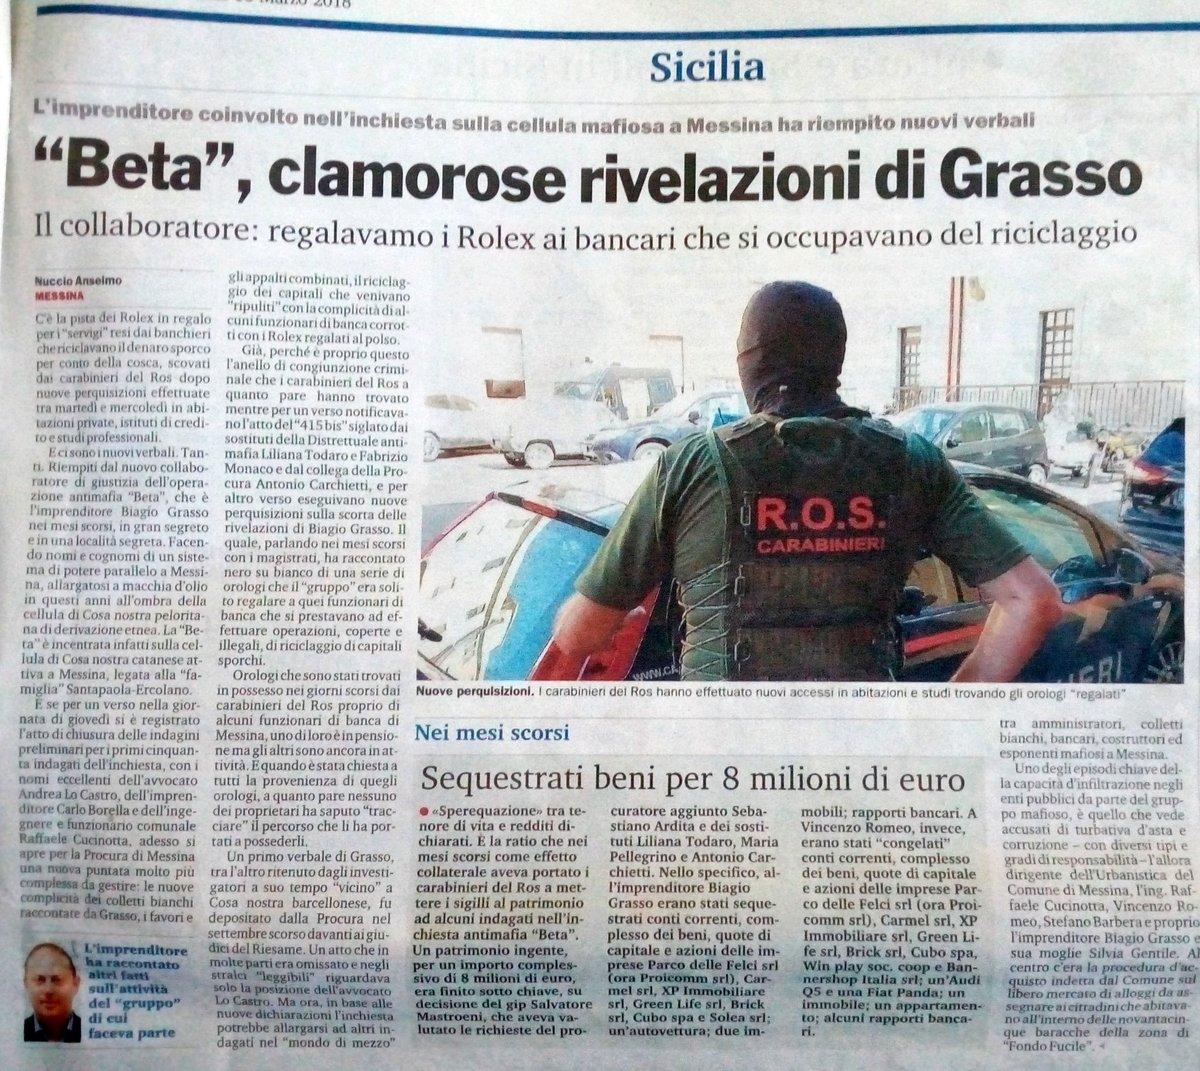 Imprenditoria mafiosa#messina #sicily #mafia #Messina #affari #riciclaggio #denaro #edilizia@NicolaGratteri @BindiRosy @GazzettaDelSud  - Ukustom